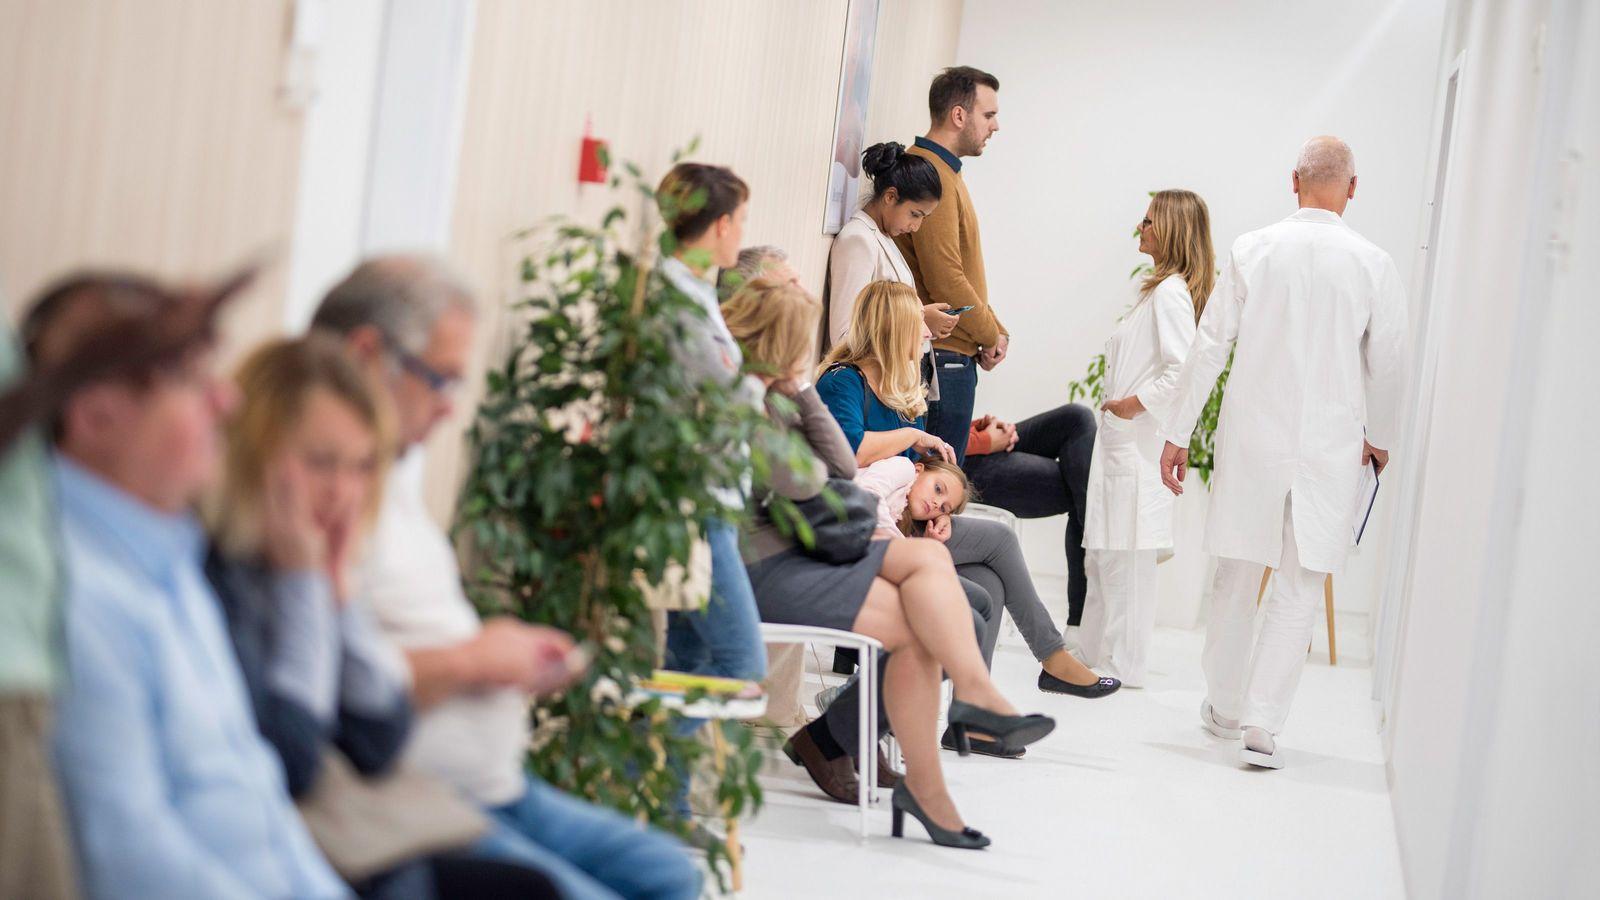 健康な人を病院に誘導する「煽り番組」の罪深さ 時間とお金をムダにしている視聴者